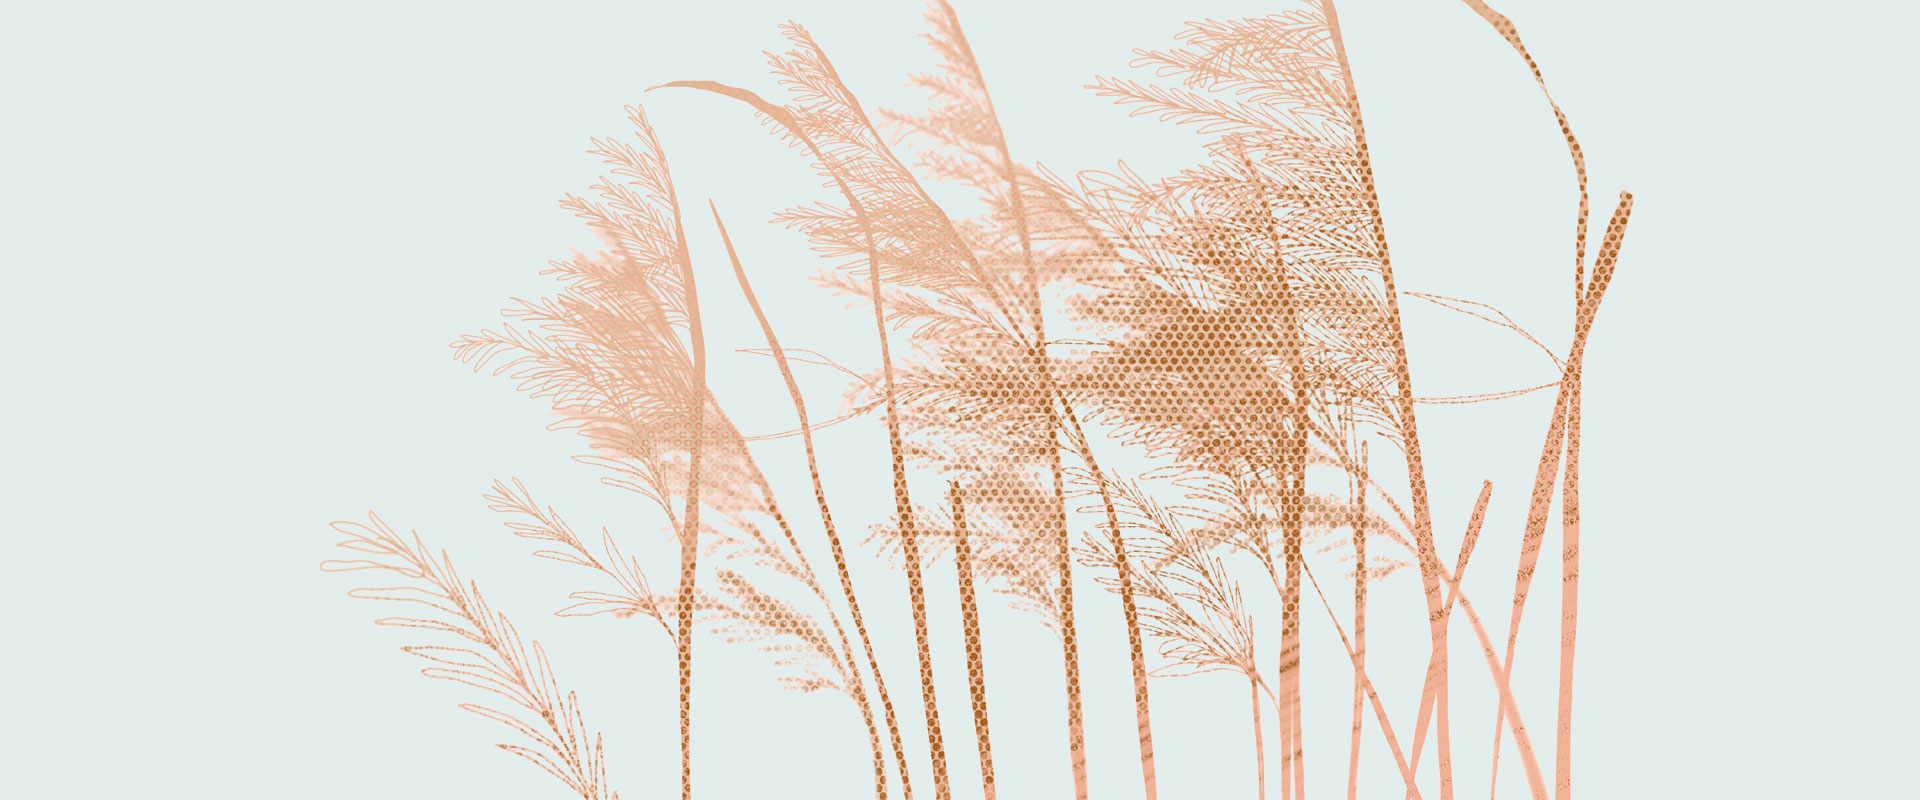 Illustration von Gräsern im Wind vor einem hellblauen Hintergrund.